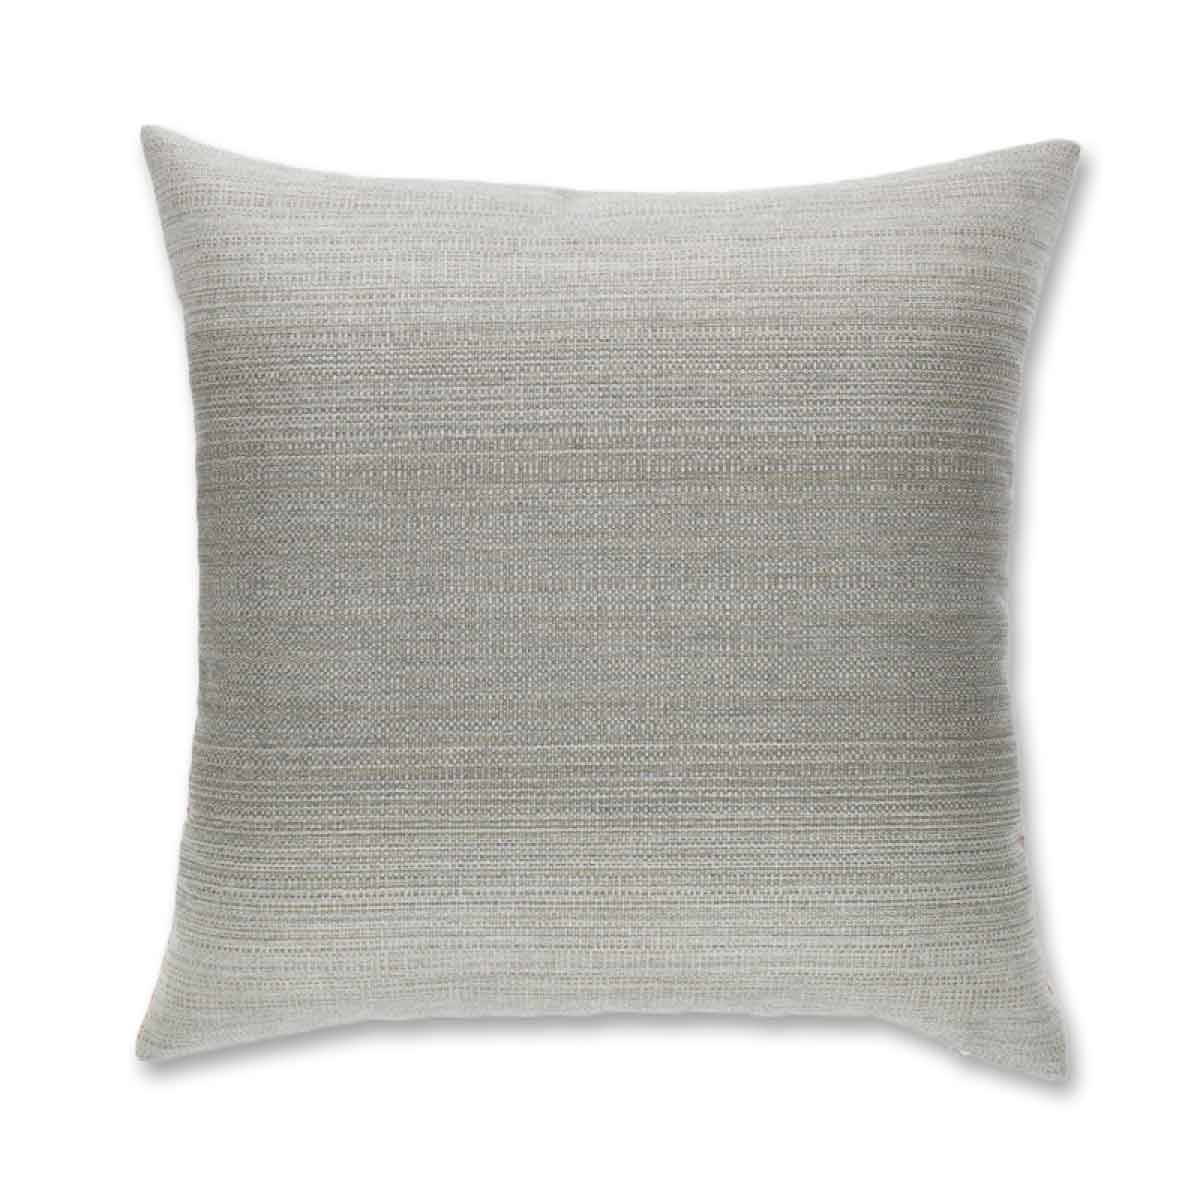 polished-paisley-pillow backside